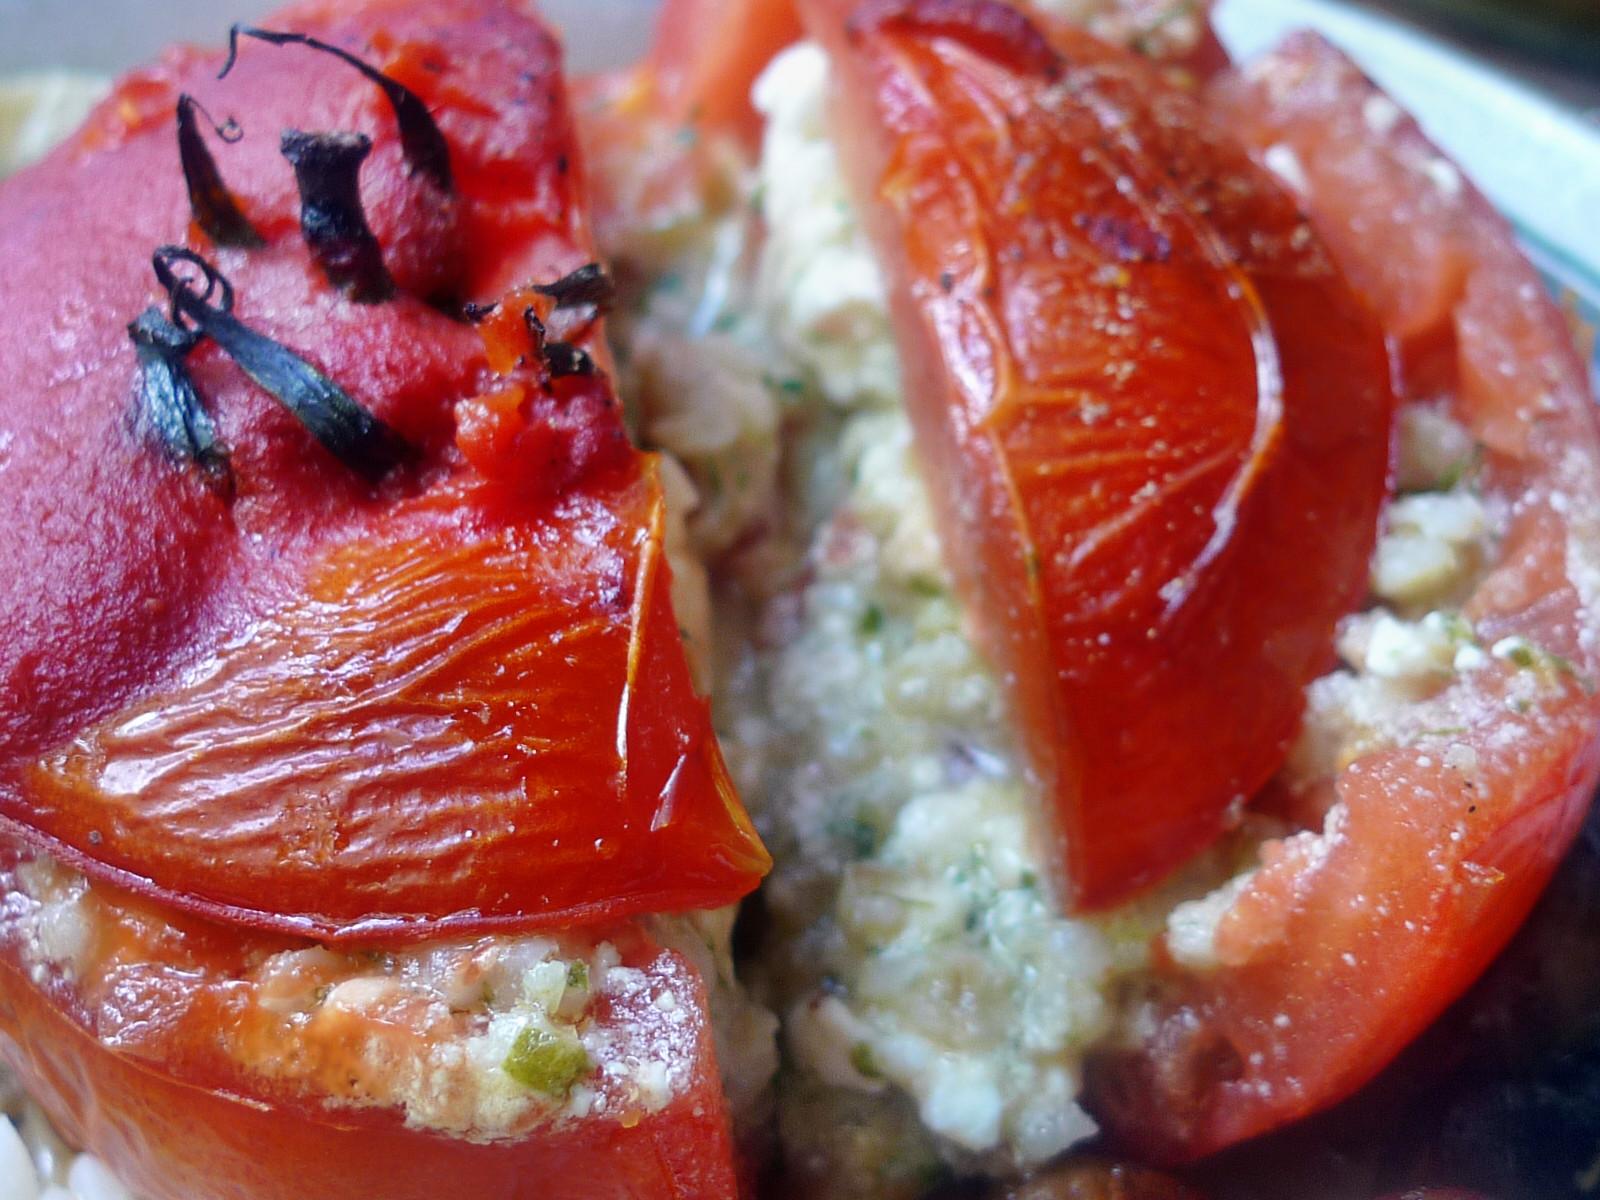 Gefüllte Tomaten,Gurkengemüse,Champignon,Zucchini,Reis-24.7.14   (16)